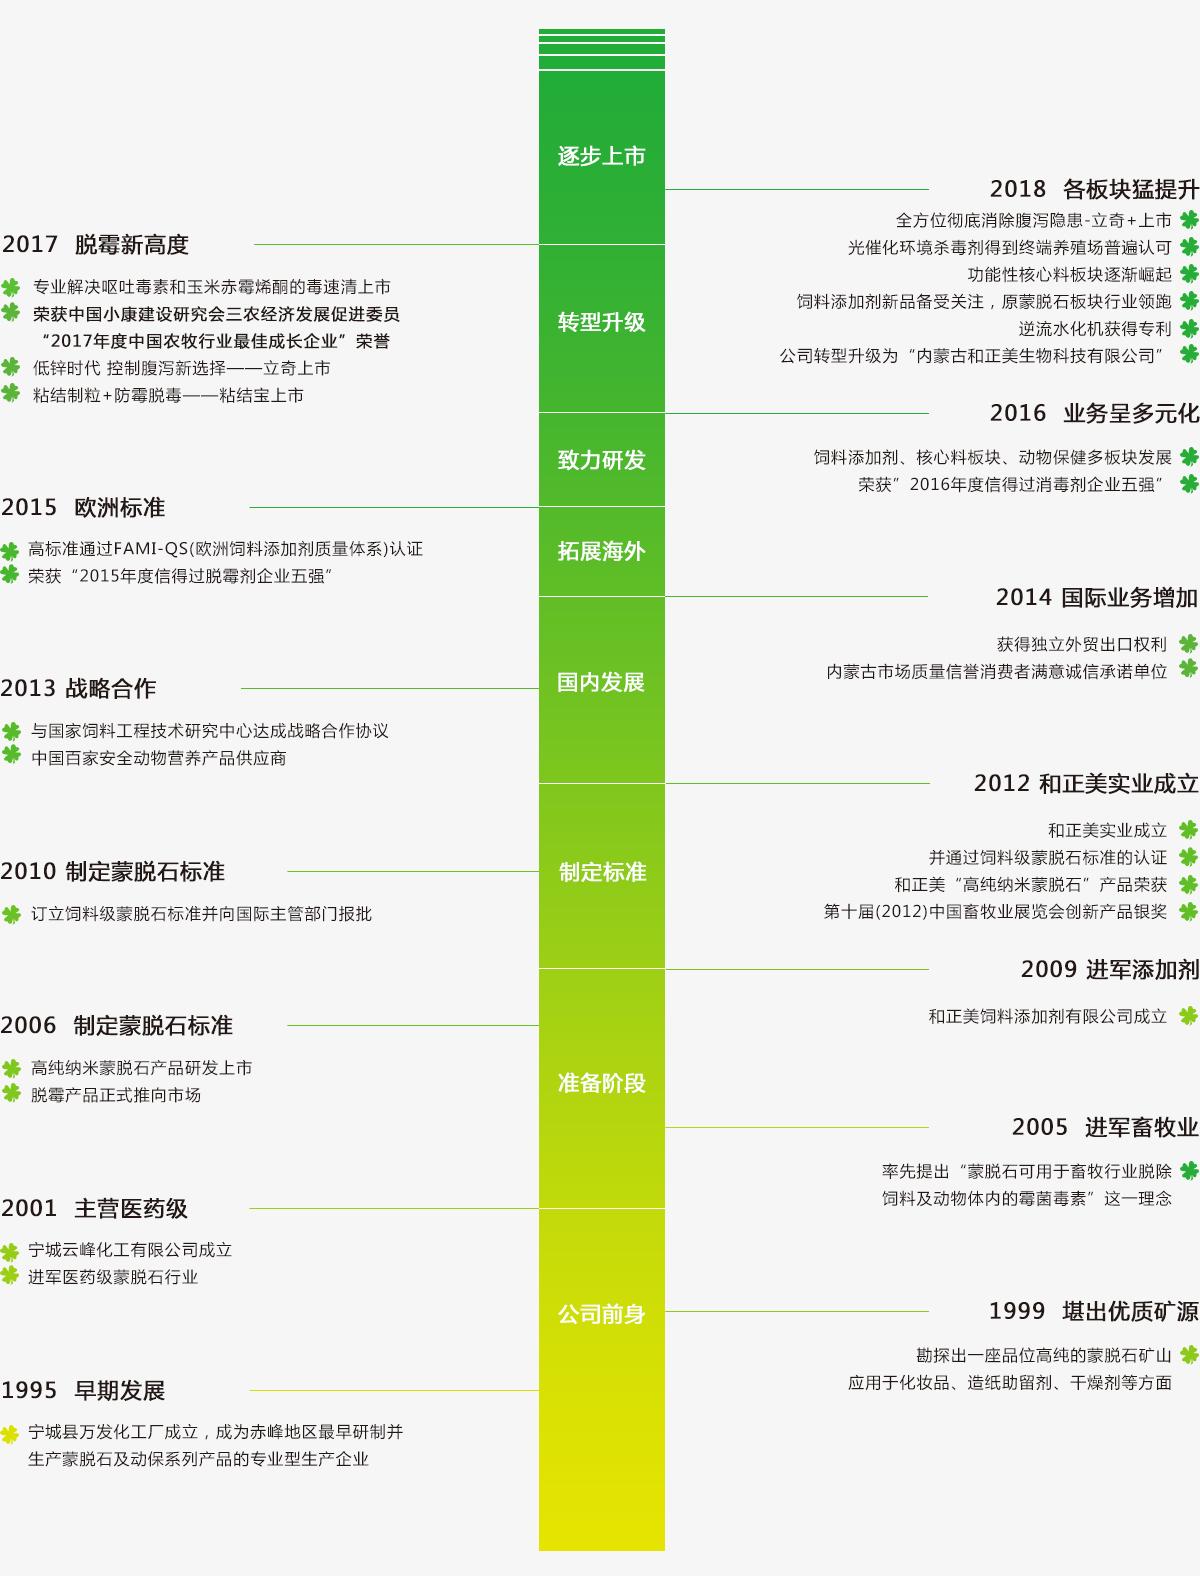 发展历程3.jpg